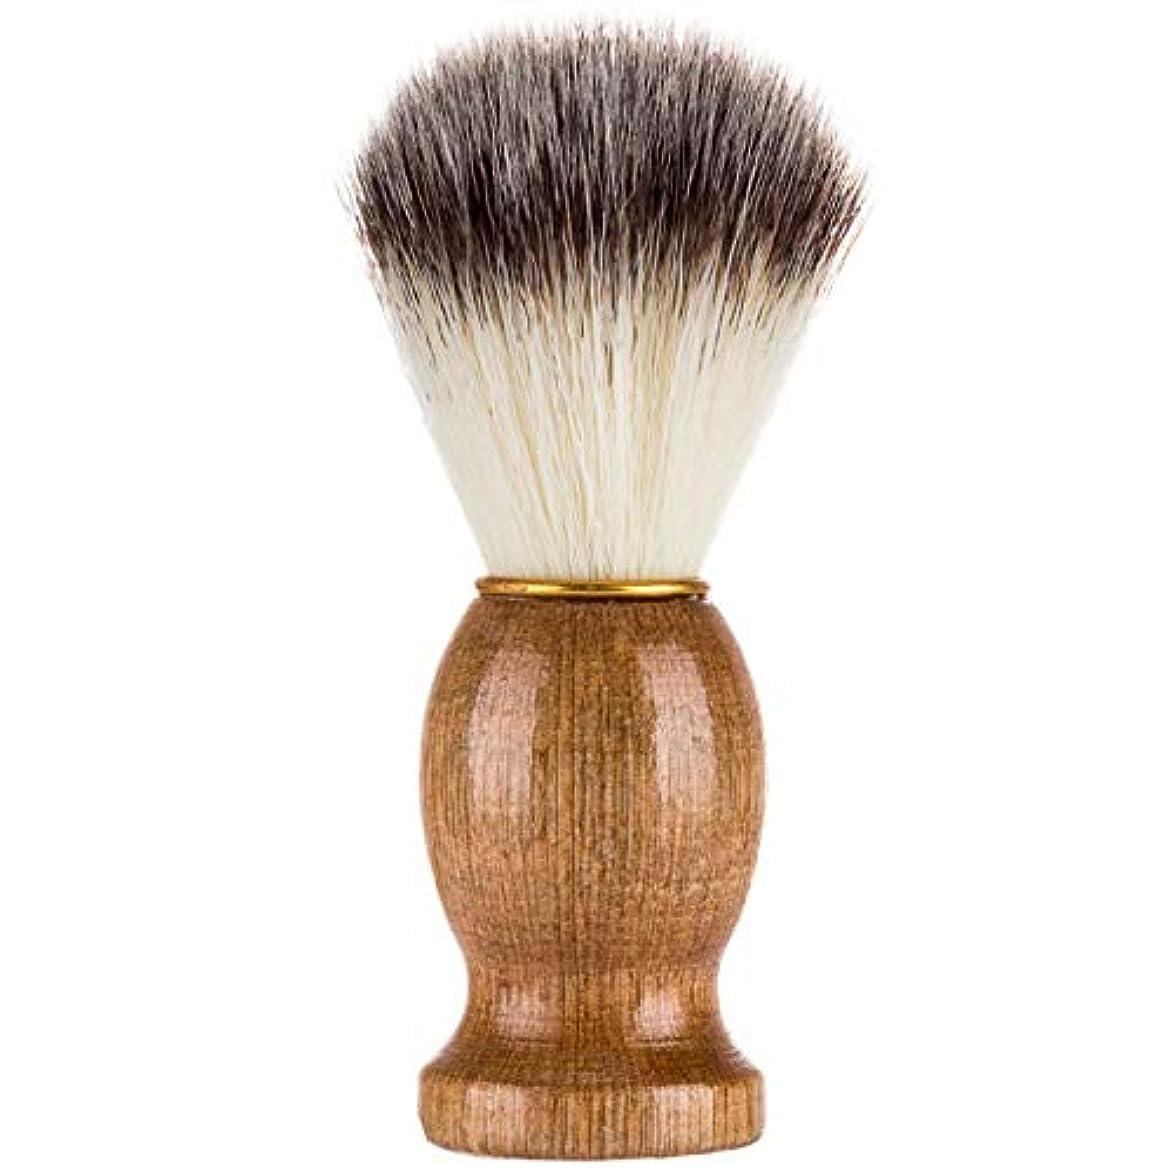 ビーム排他的無意識ソフトヘアメイクブラシメンズシェービングブラシ品質剛毛新しいポータブルハイエンドひげブラシ美容ツール